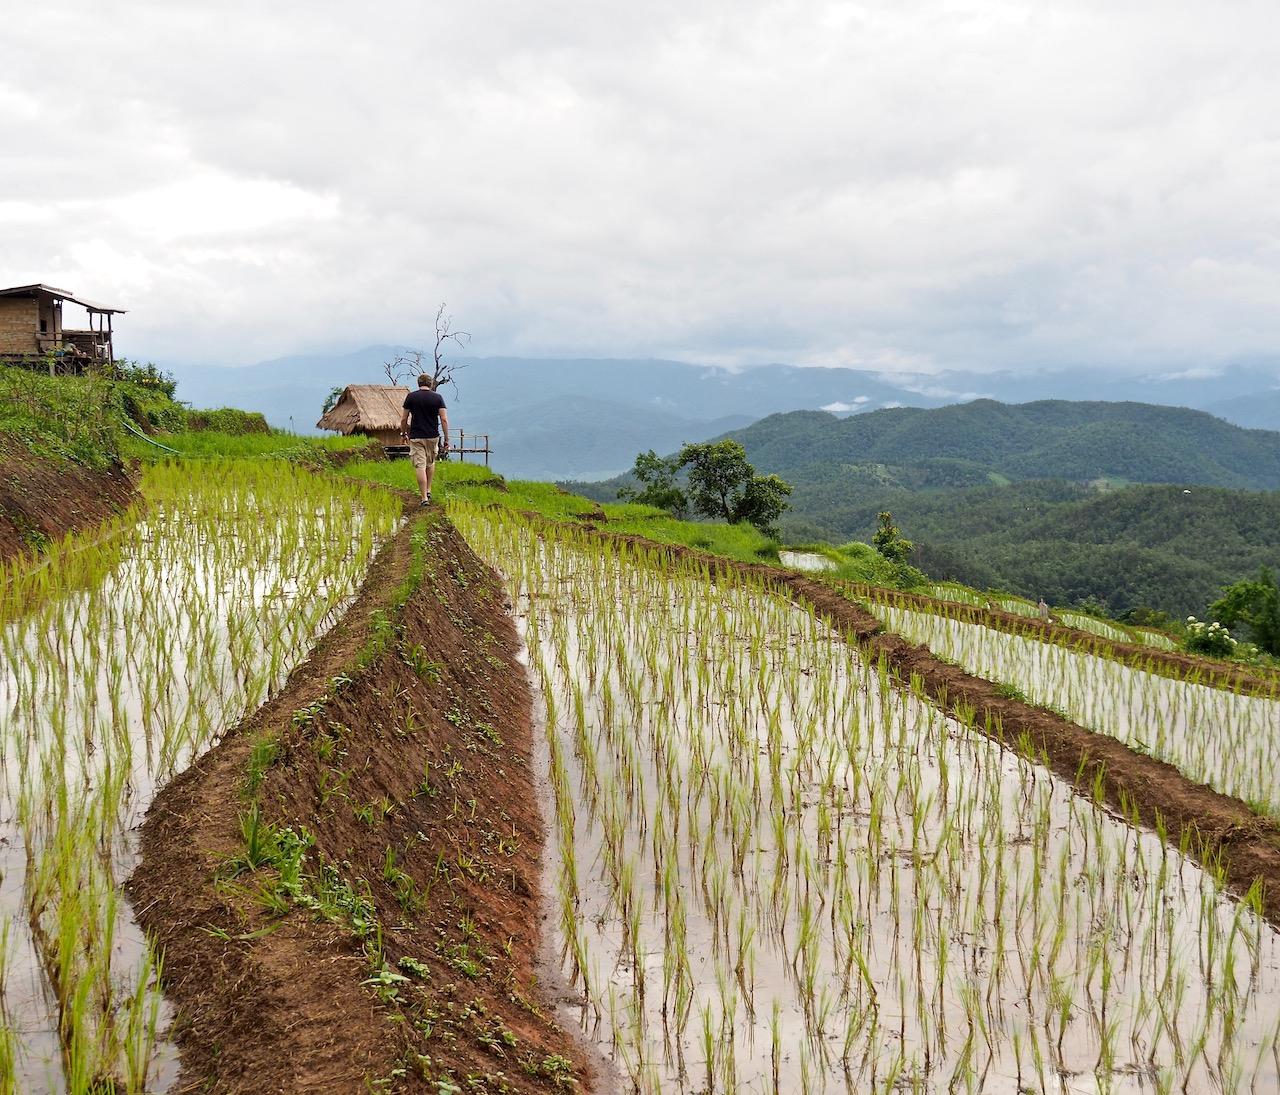 Une nuit à Ban Pa Pong Pieng : une expérience inoubliable dans les plus belles rizières en terrasse de Thaïlande - Balade au milieu des rizières